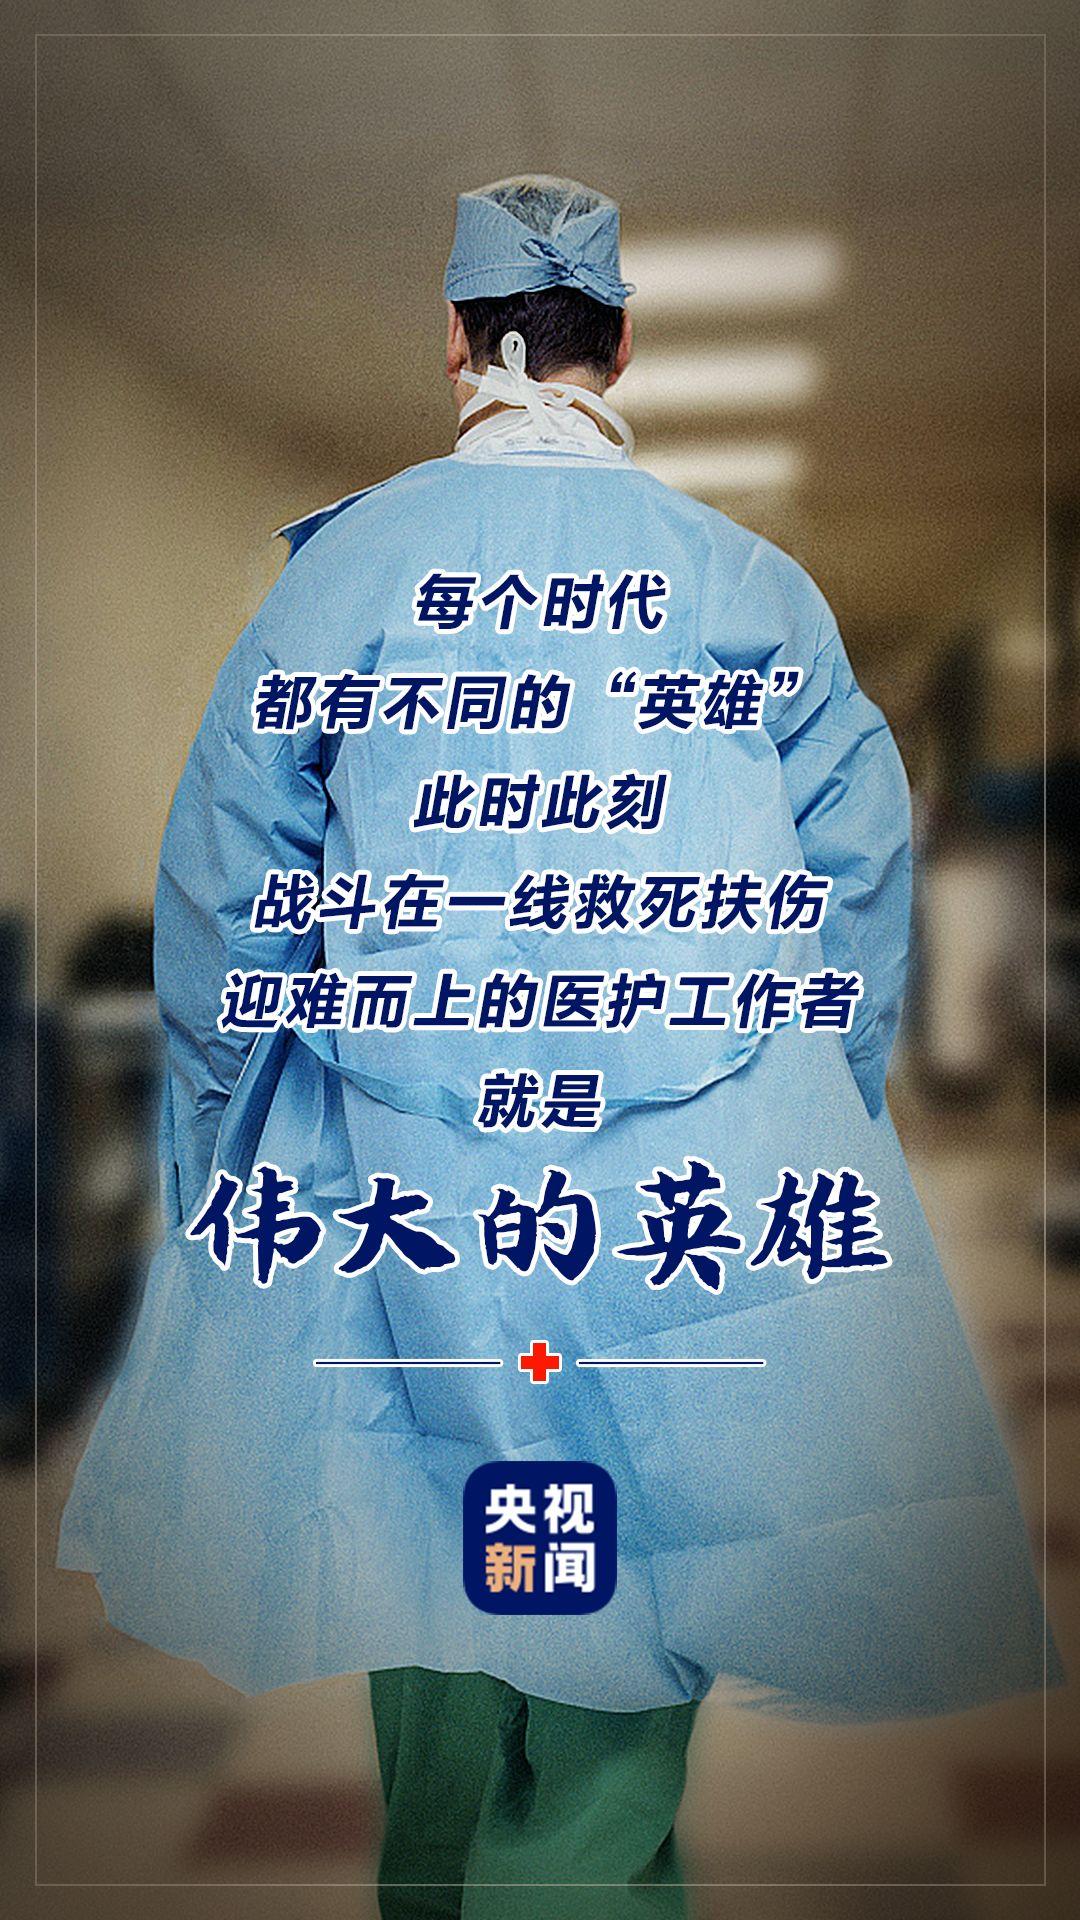 色欲之死中文字幕在线观看 迅雷下载,中文字幕 fset-458,chn-037(中文字幕)